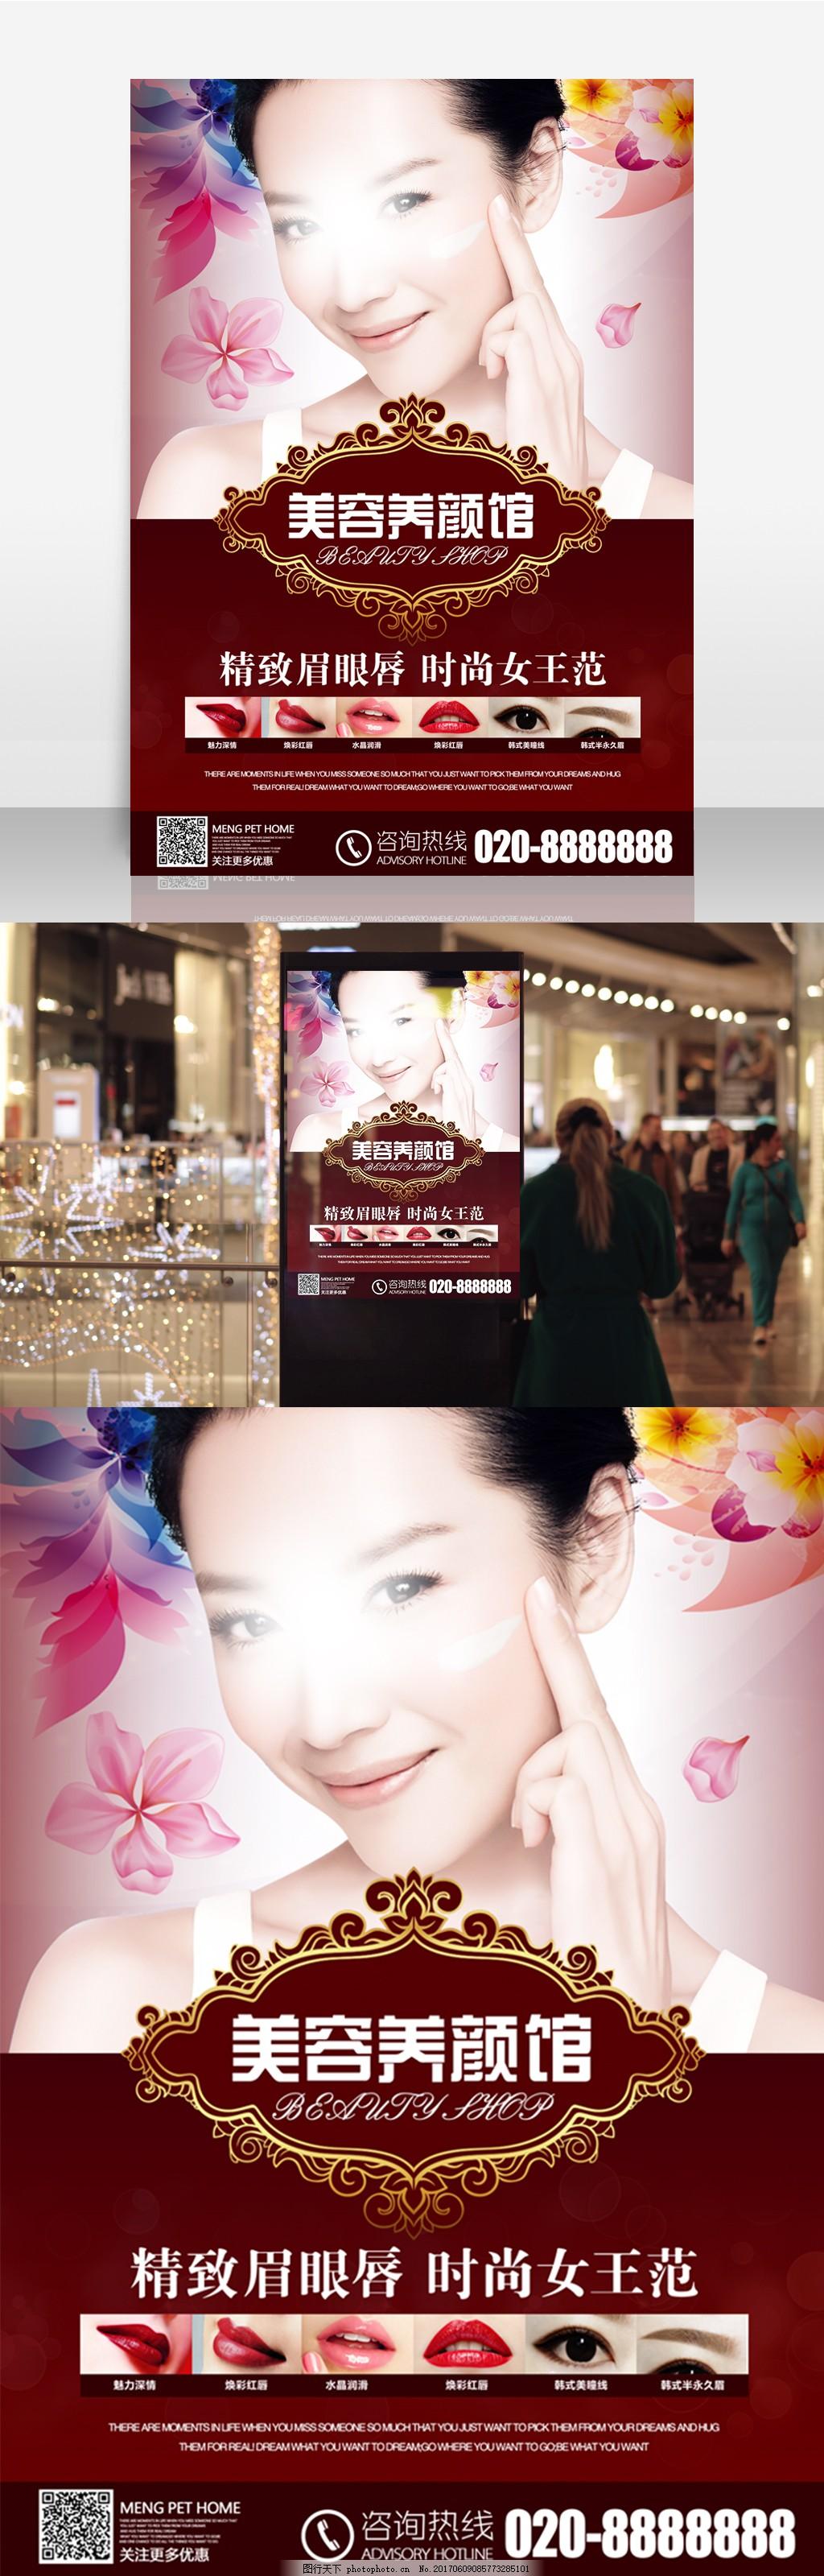 美容院宣传海报 美容 美容院 模特 美容养颜馆宣传海报模板 展板 整容